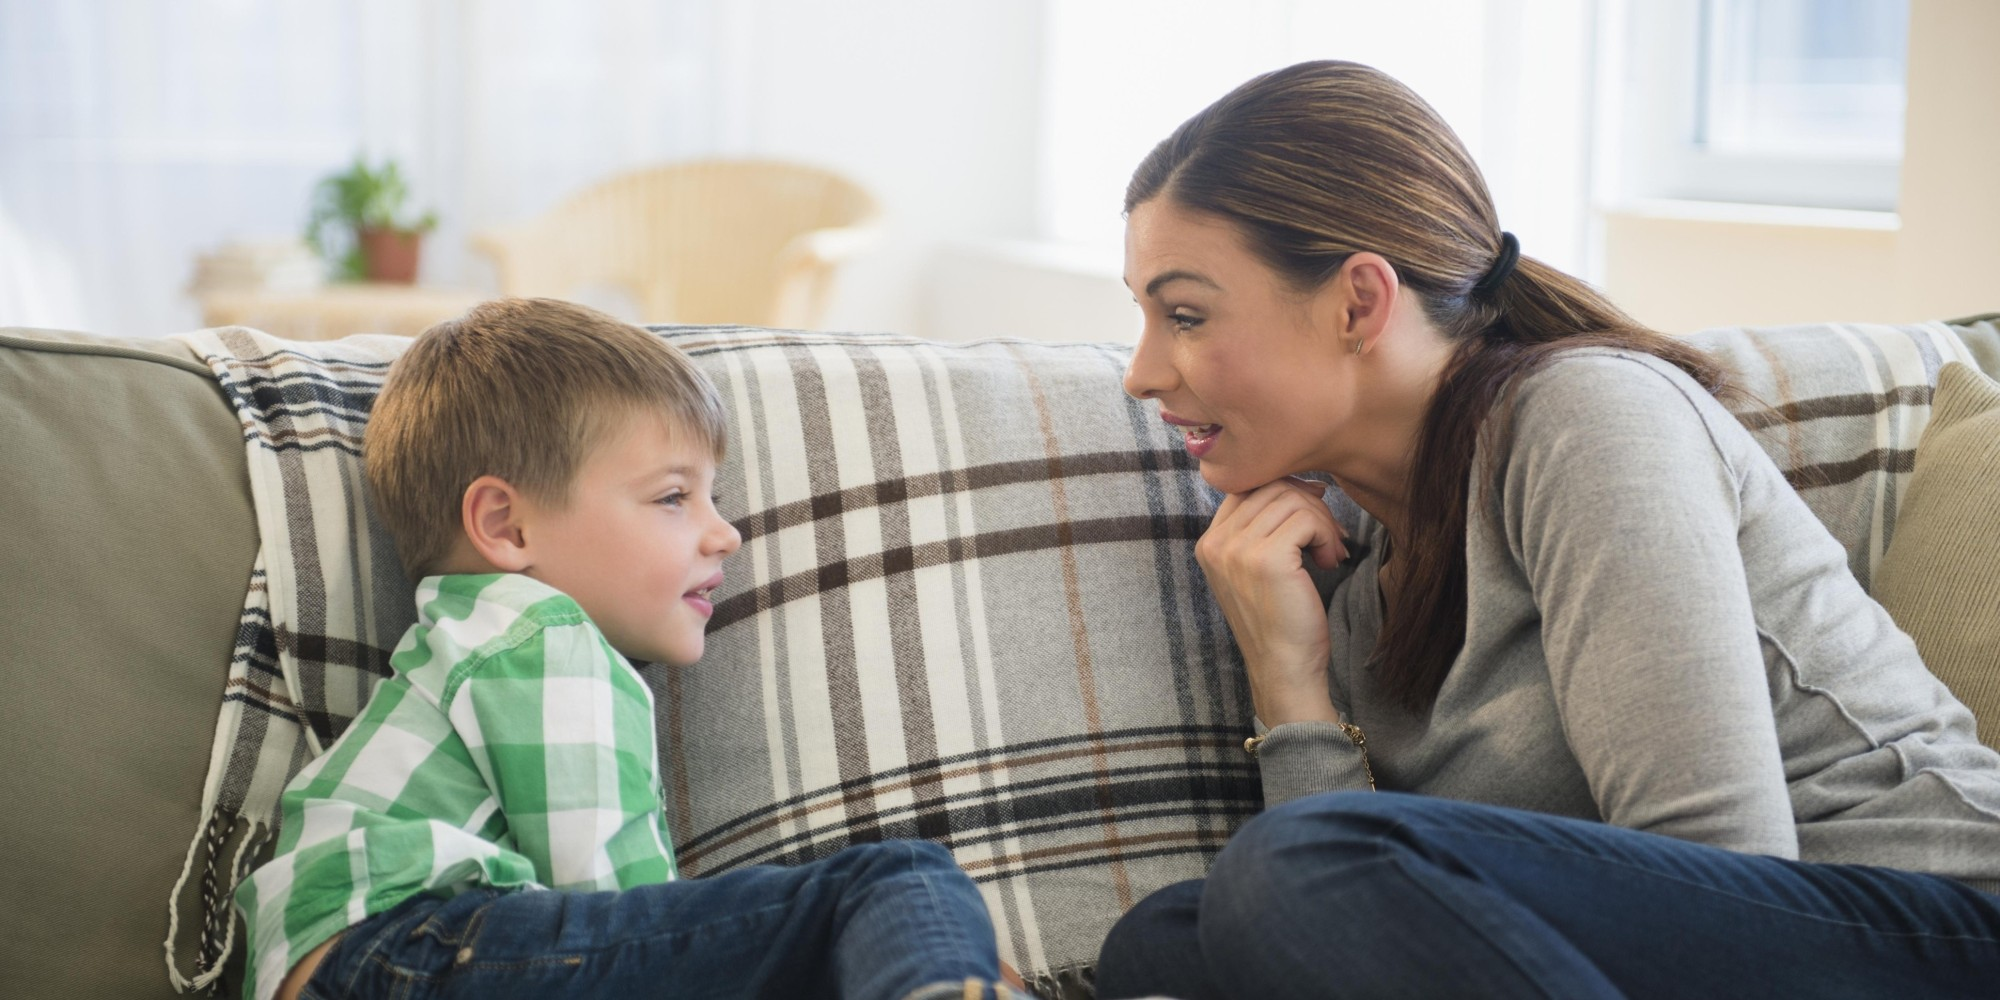 跟孩子谈论与性有关的内容,可以从很早就开始